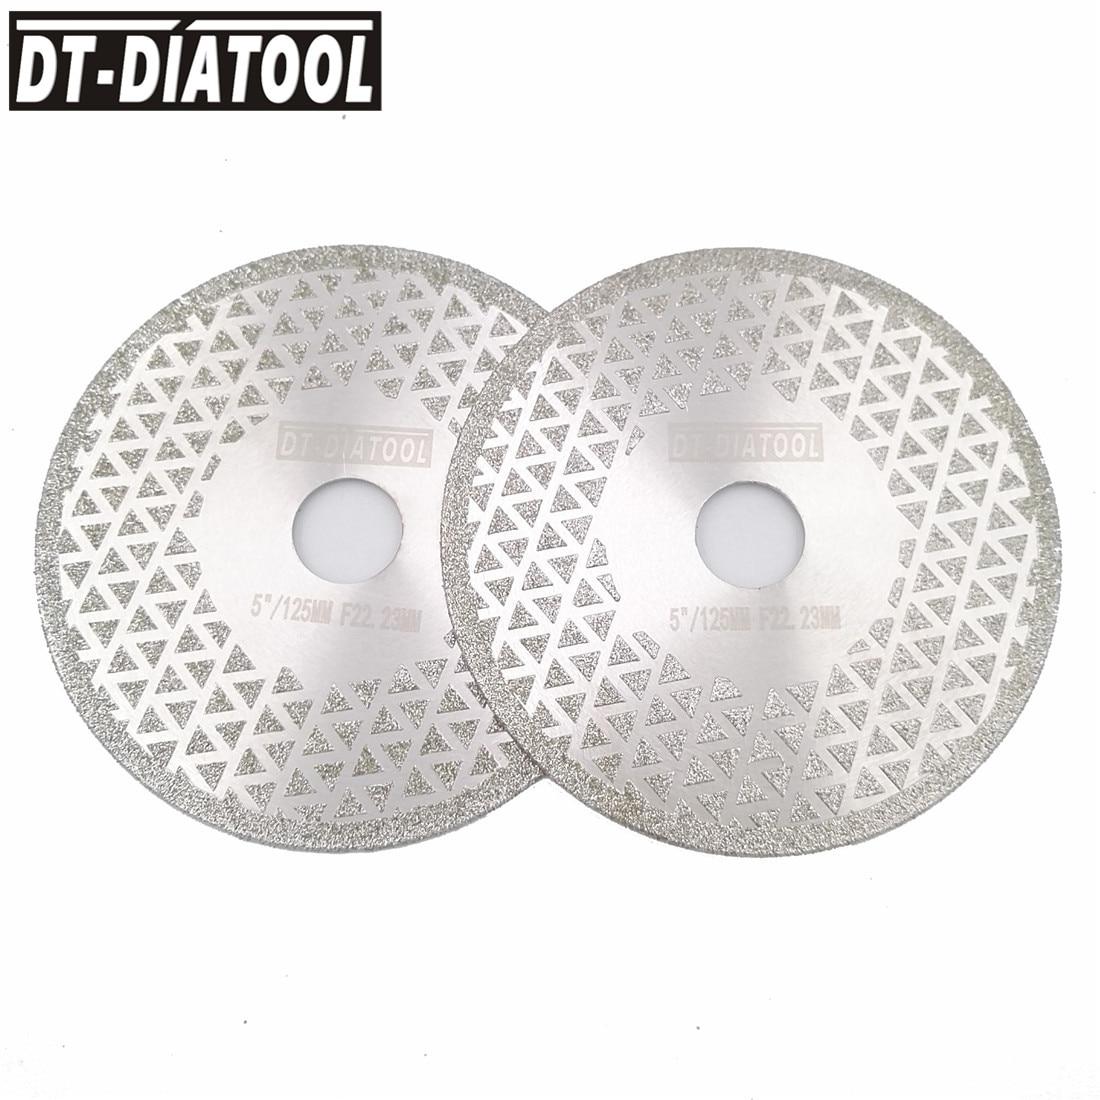 Corte de Diamante Ambos os Lados Lâmina de Serra para Mármore de Granito Dt-diatool Pces 125mm Galvanizado Disco Moagem Furo 22.23mm Revestido 2 5 –